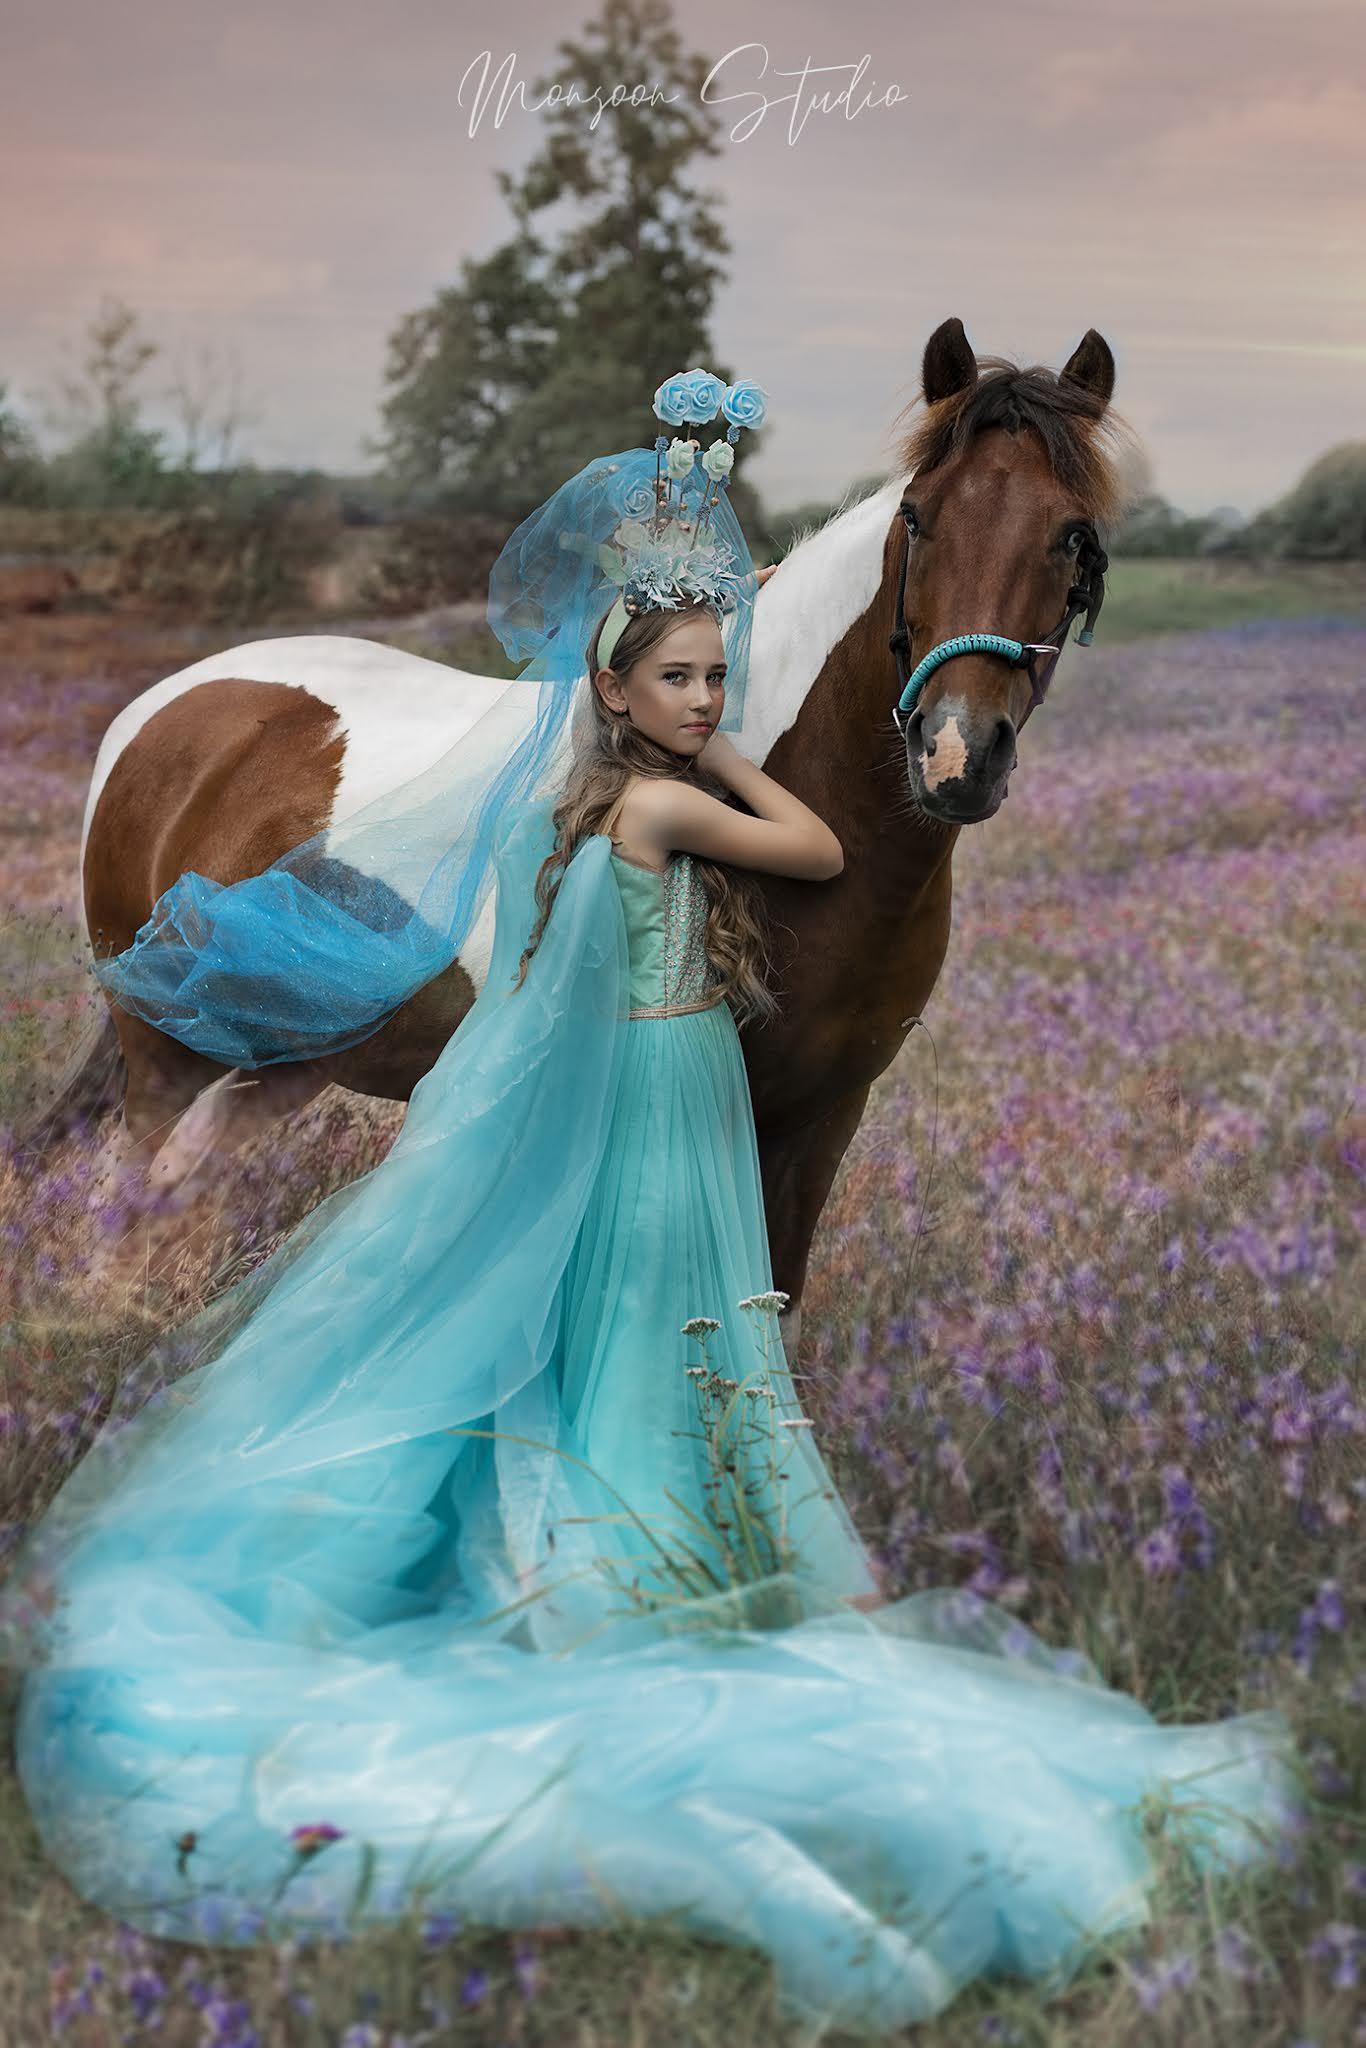 ekskluzywny plener, fotografia artystyczna, luksusowa fotografia glamour, portret glamour, sesja zdjeęciowa